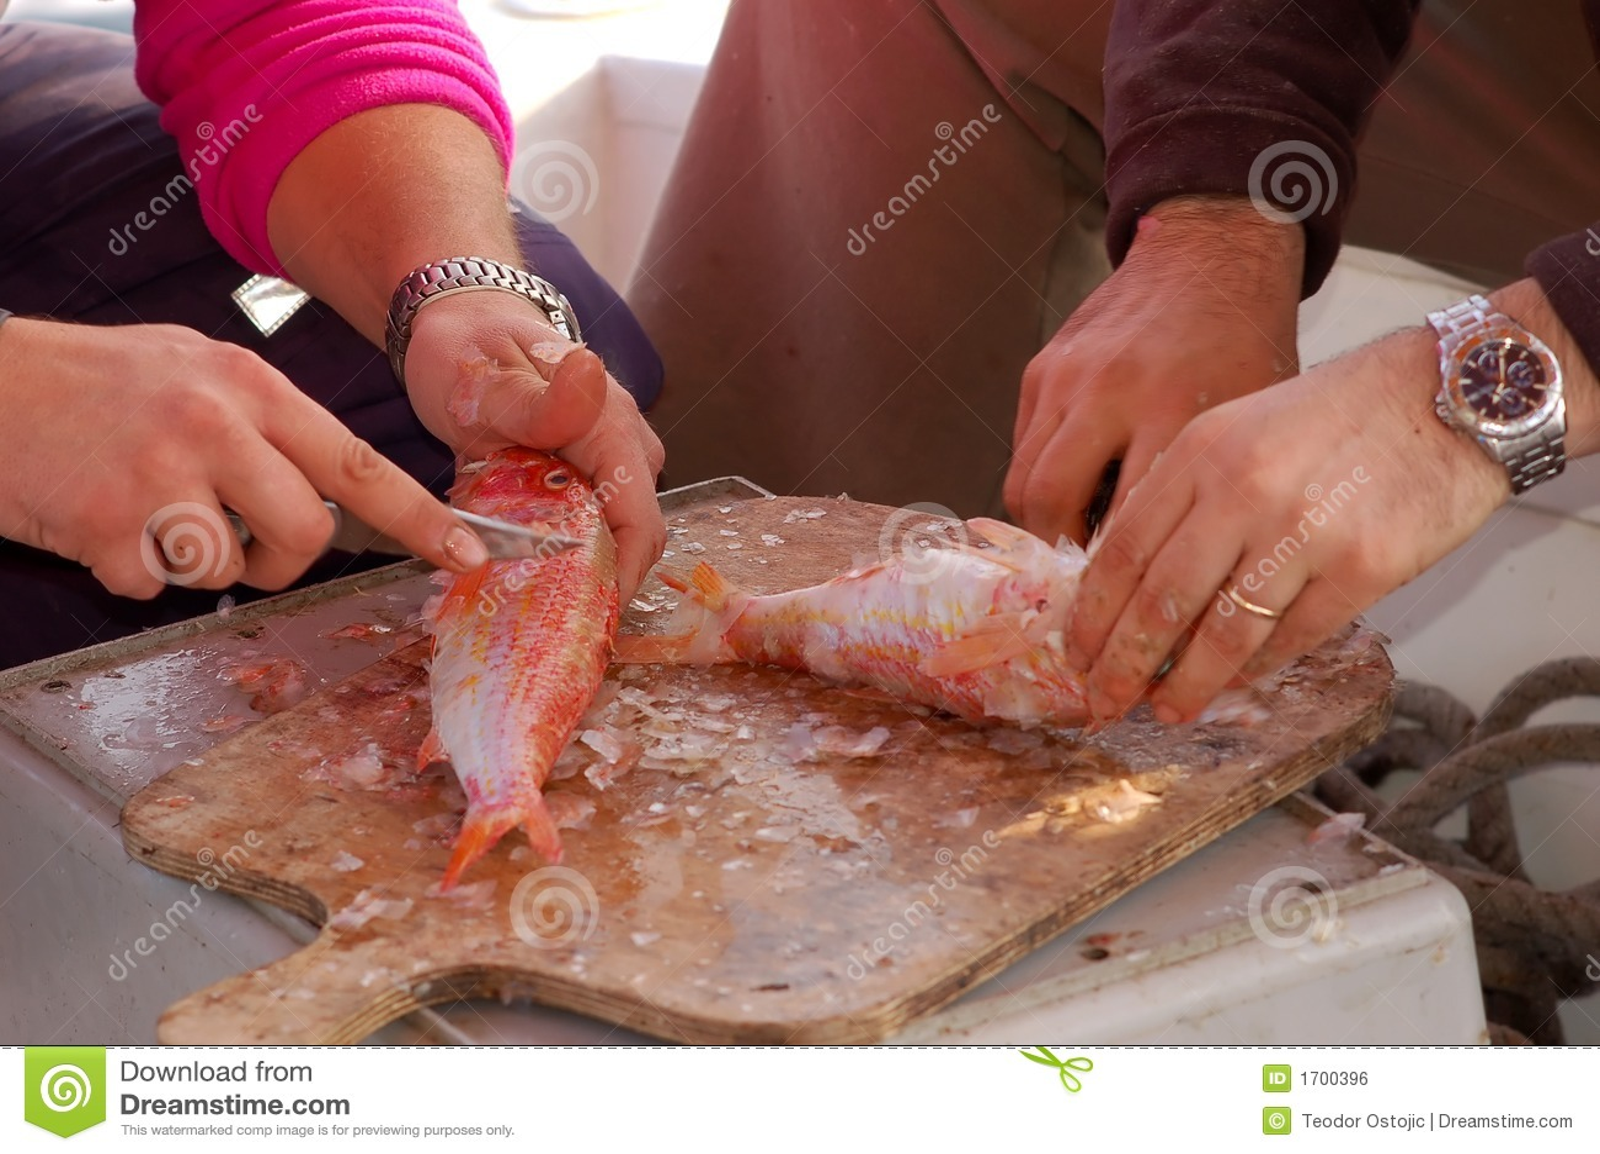 Serie de la pesca - limpieza de un pescado fresco